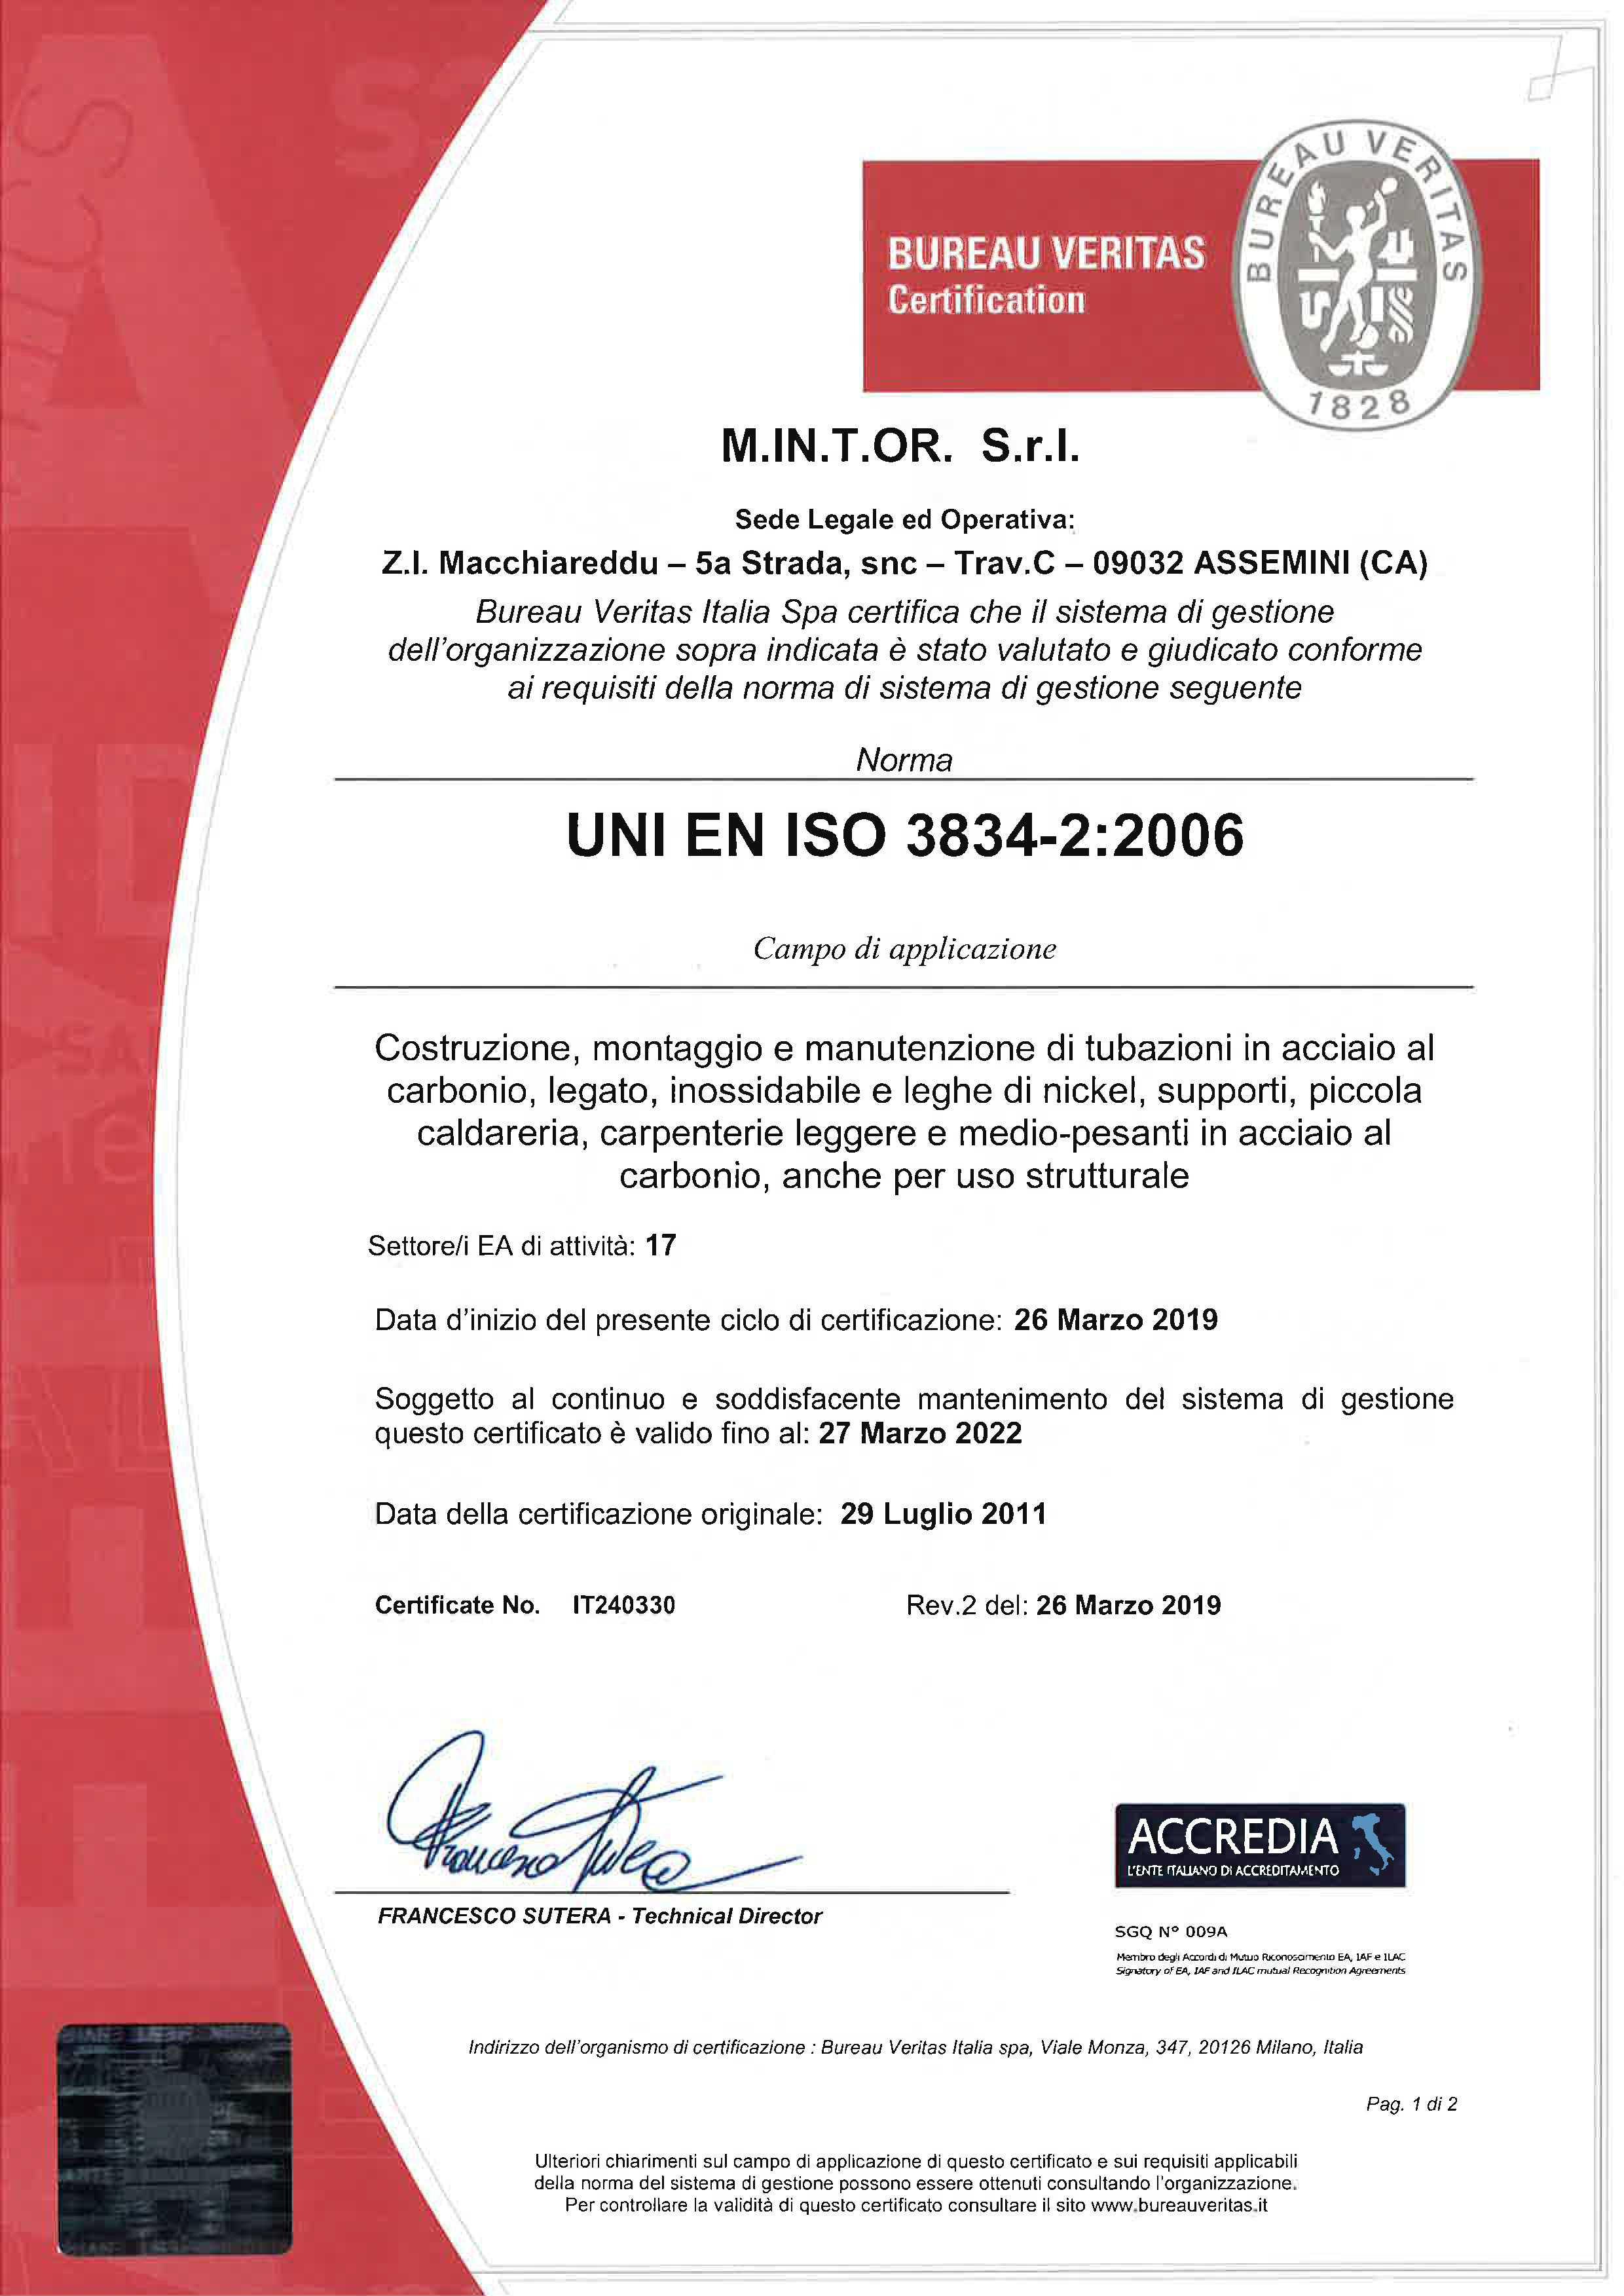 certificazioni-mintor-luglio-2019_0005_M.IN.T.OR. SRL - 3834